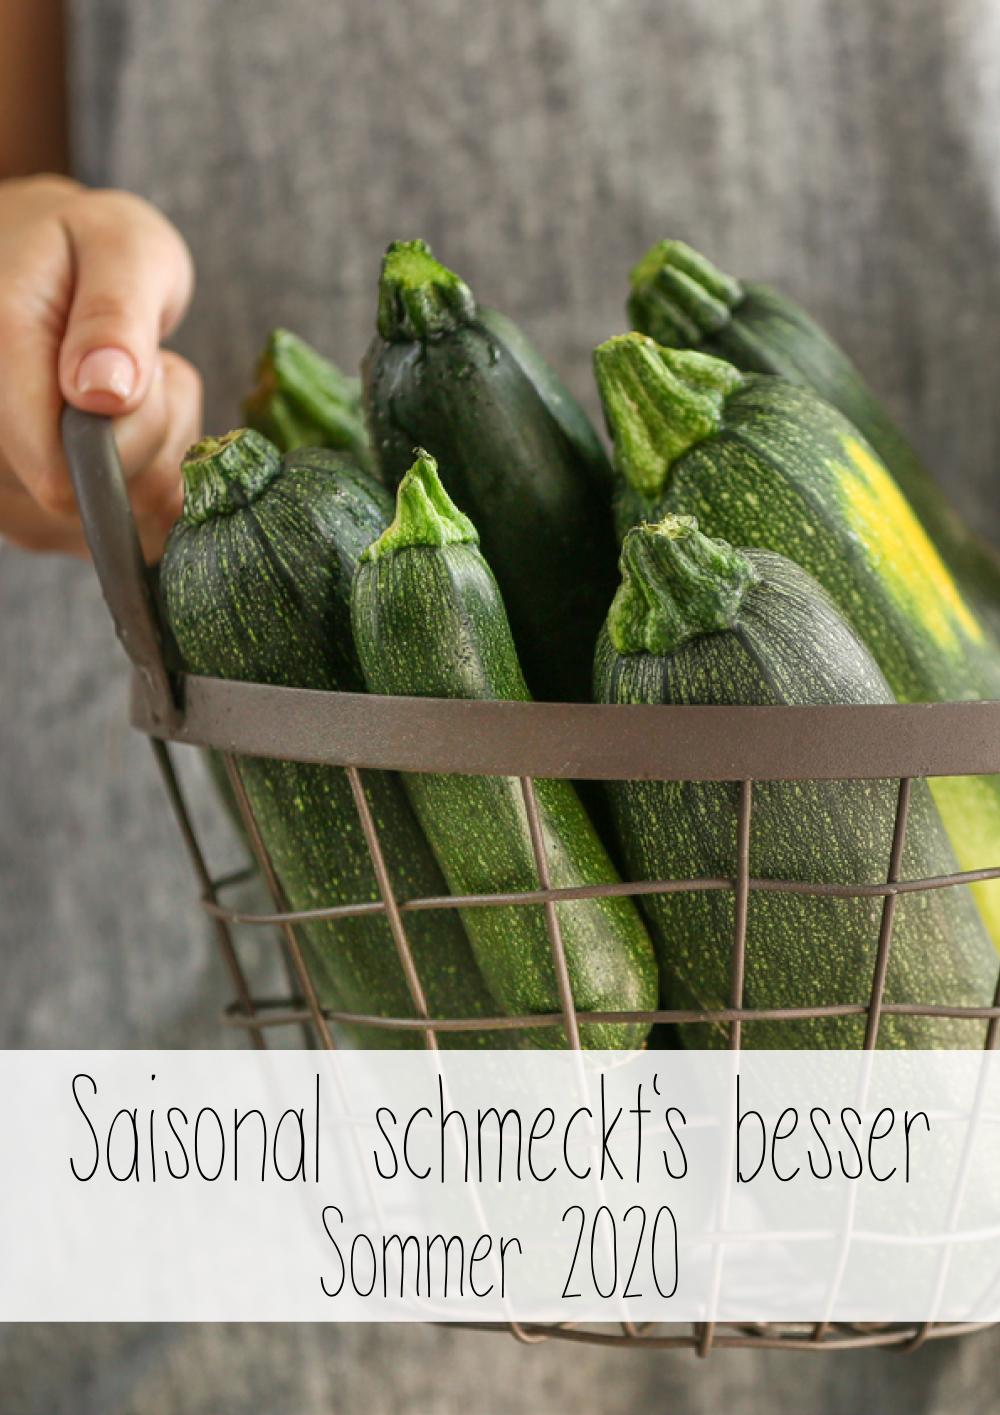 Saisonal-schmeckts-besser-sommer-2020